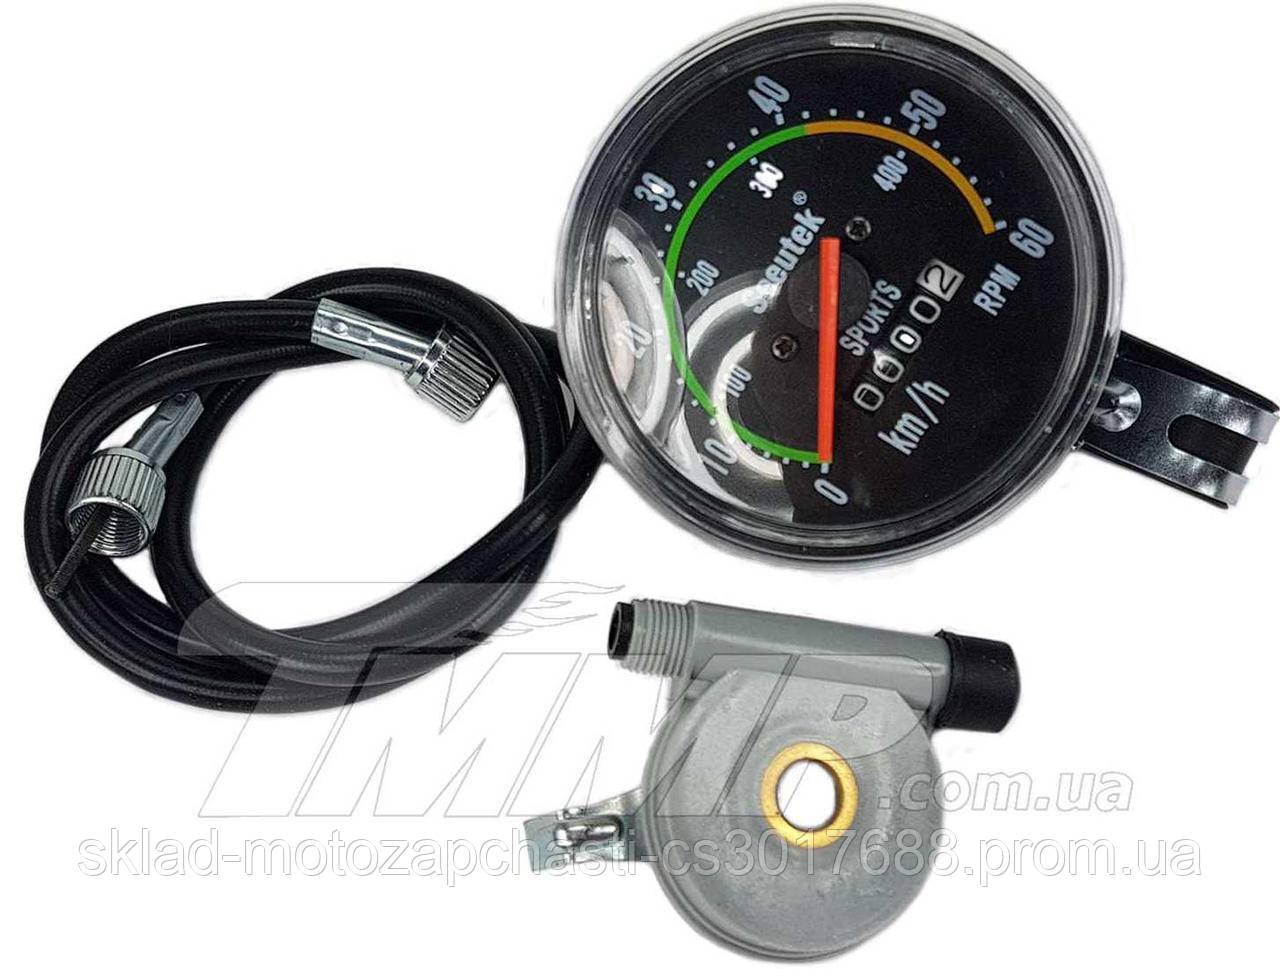 Спідометр веломотор (механічний) для велосипеда